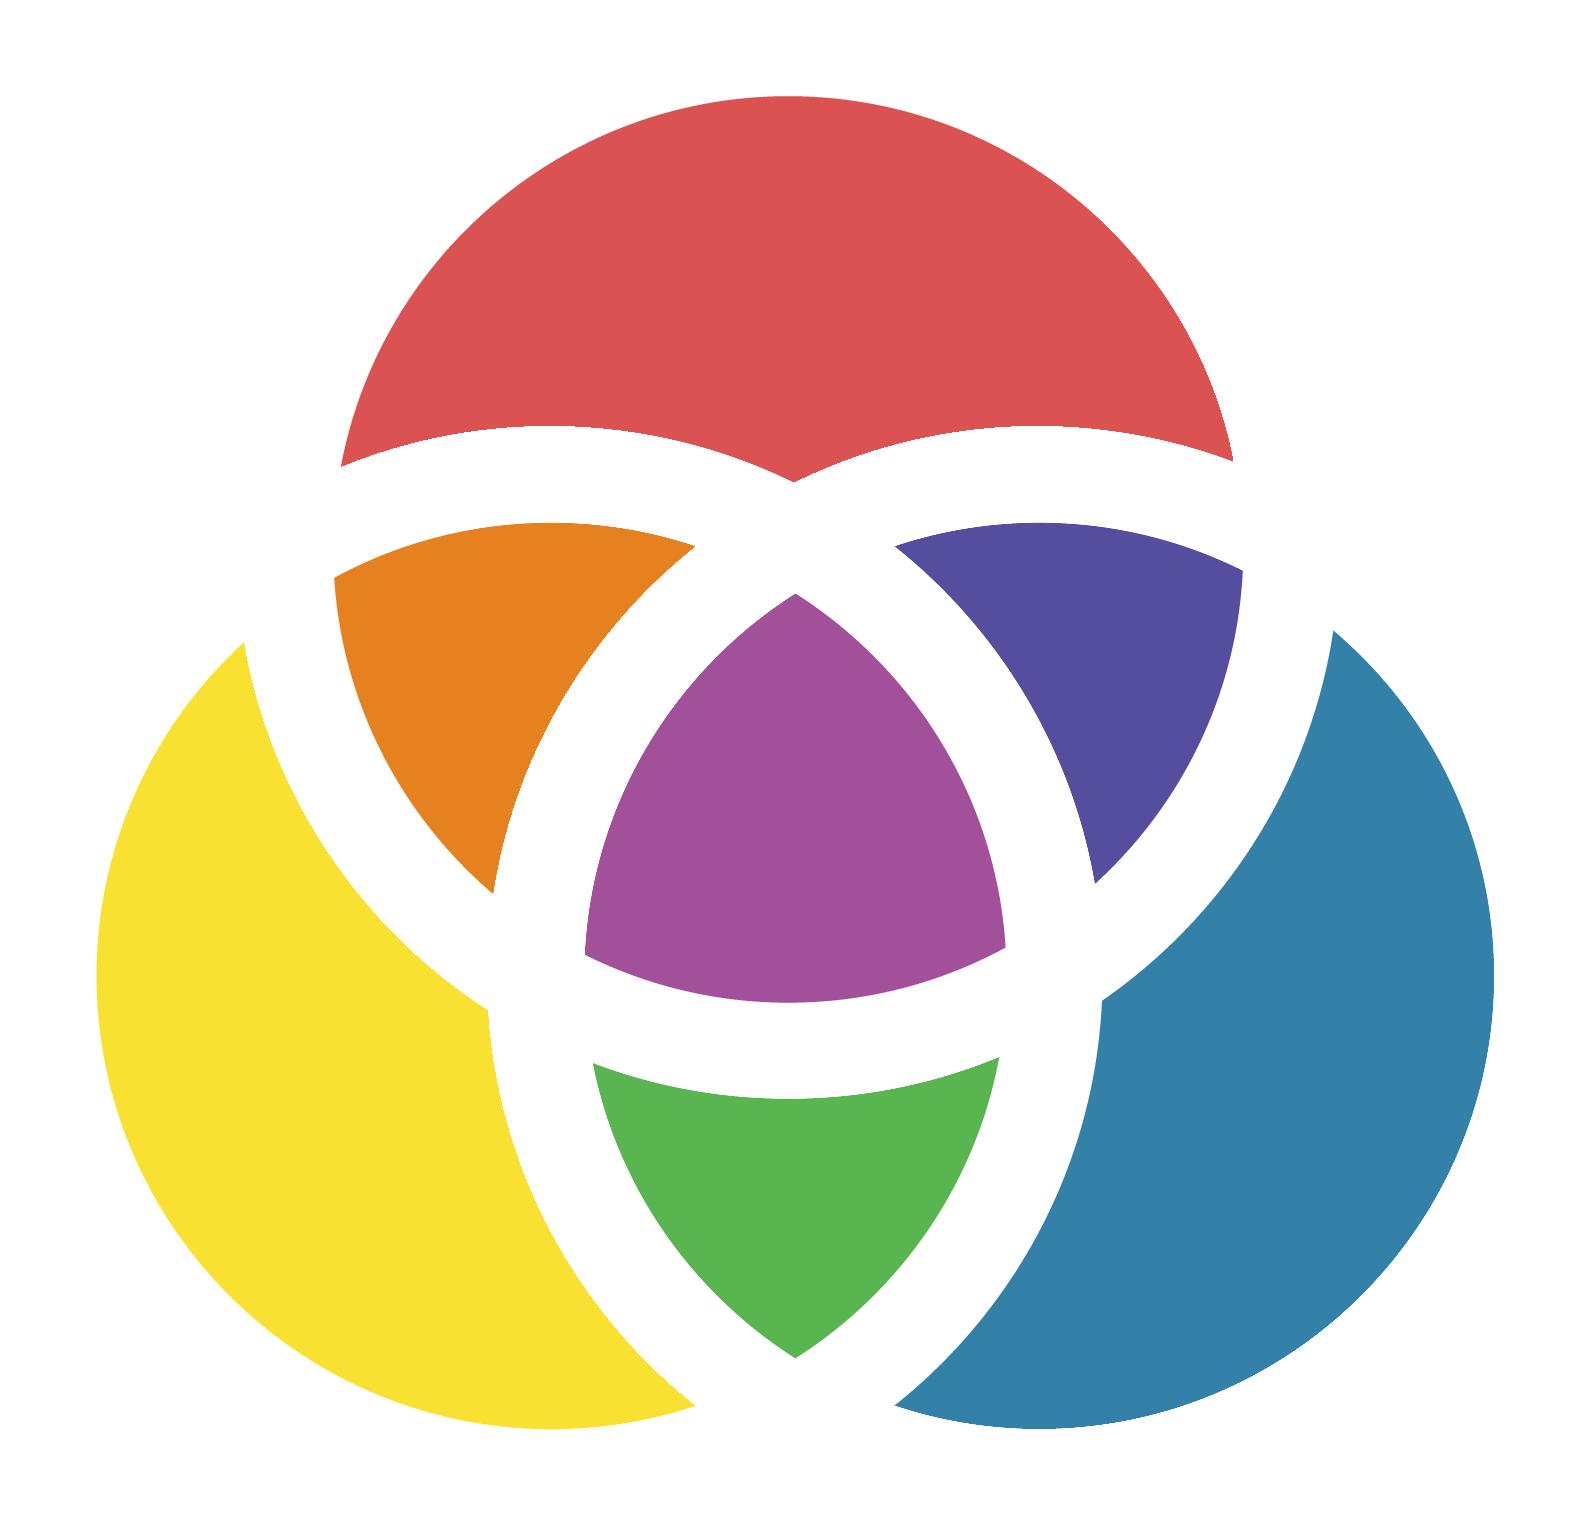 Responsival pinwheel logo